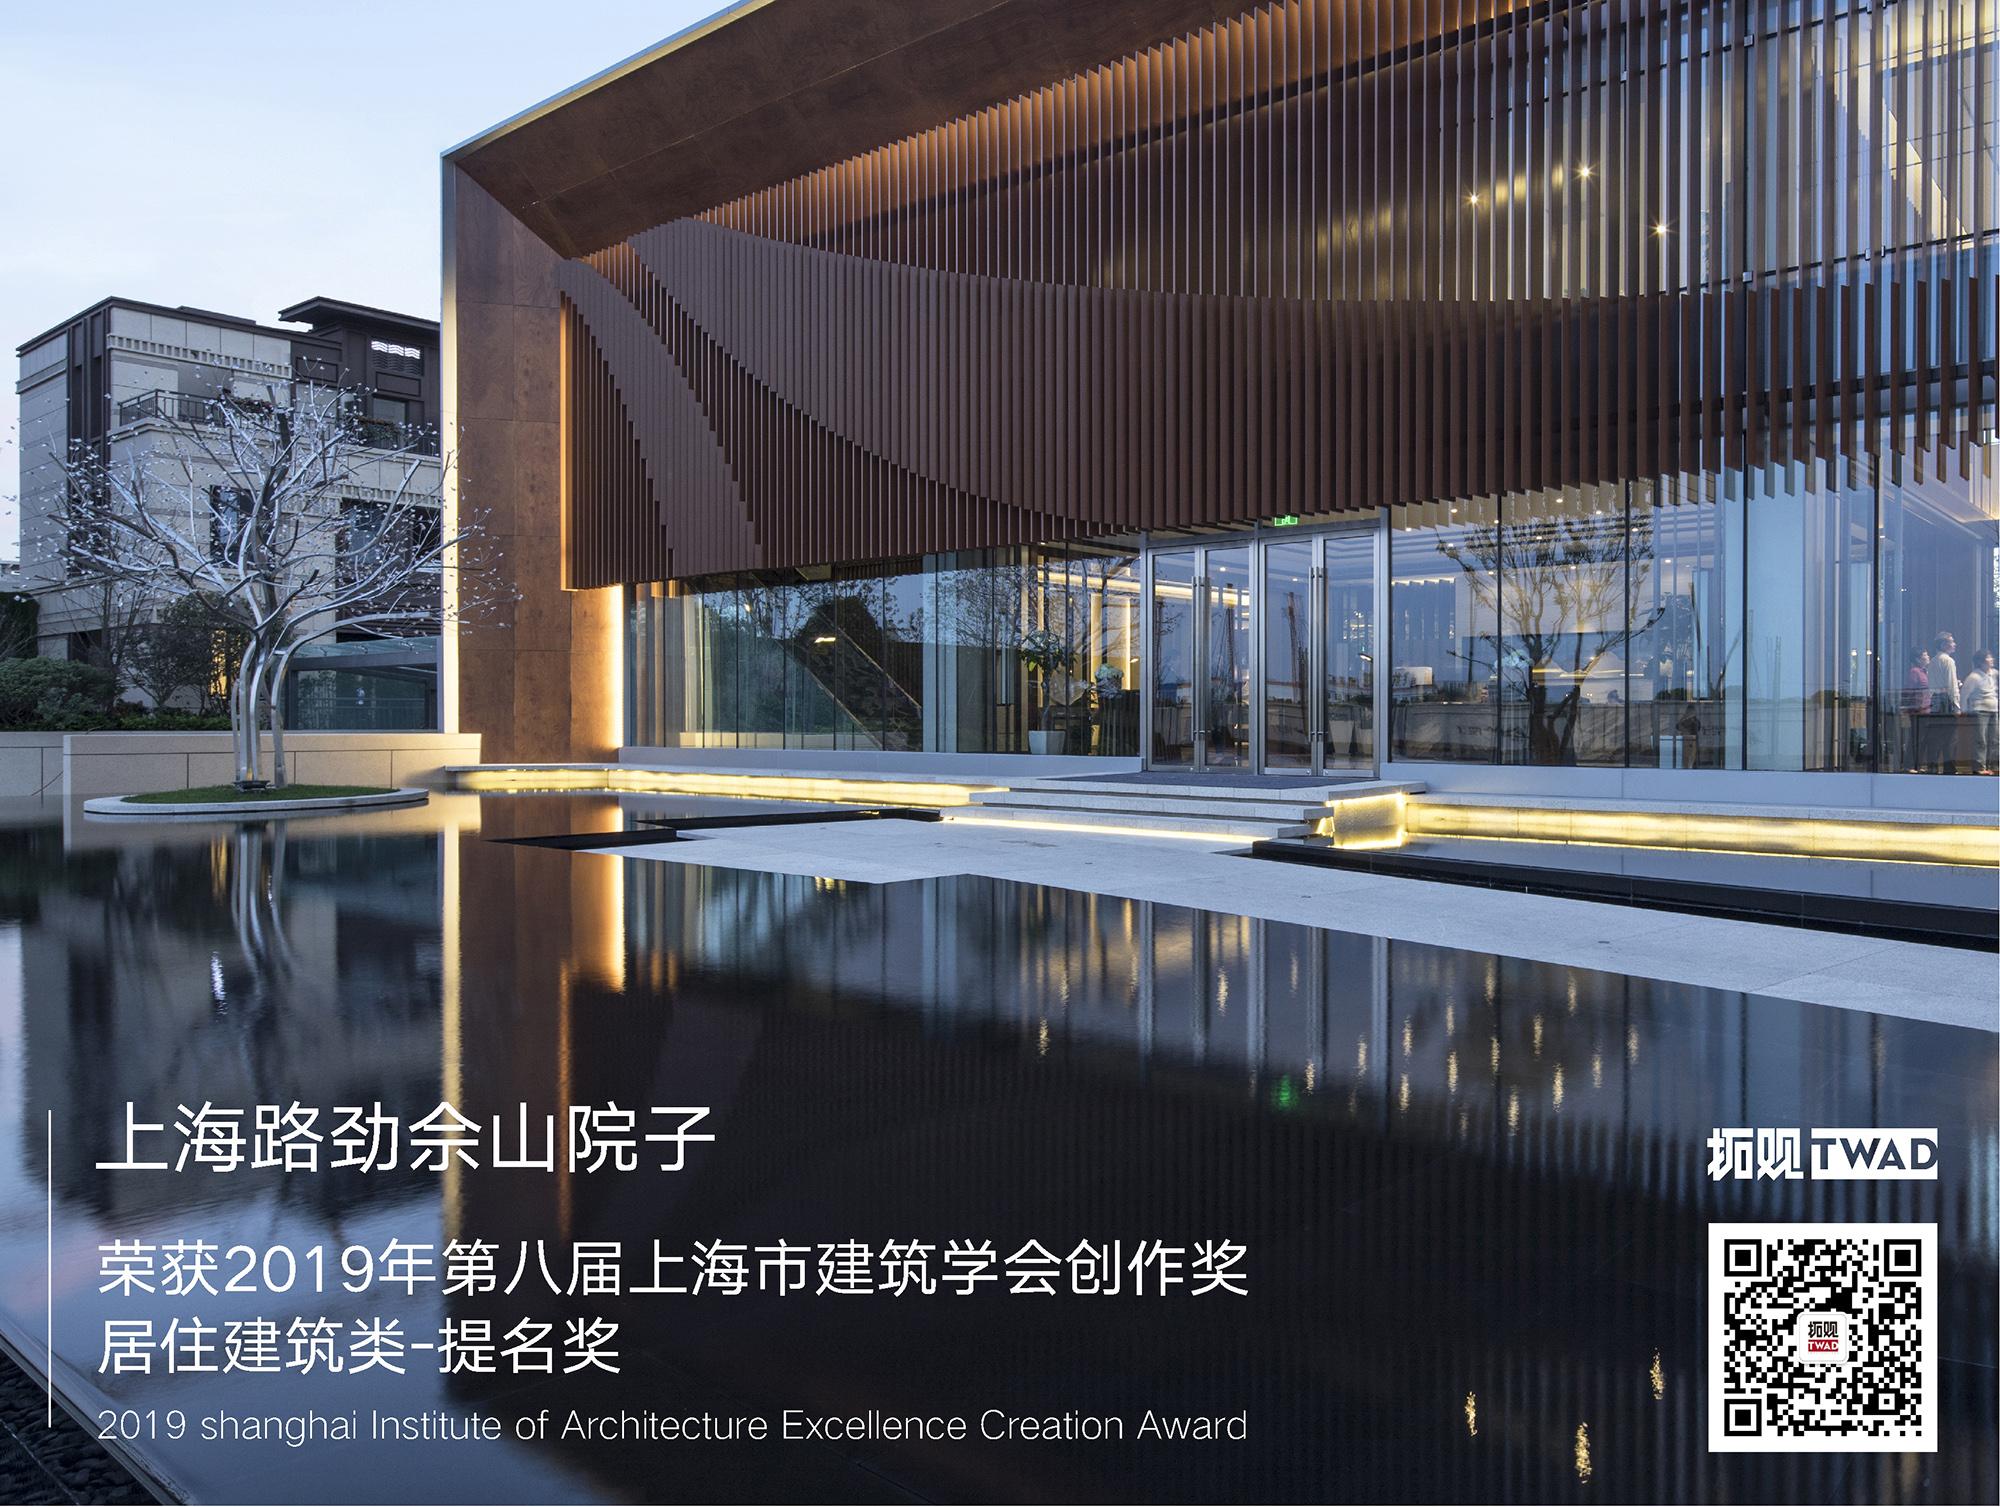 捷报 | 上海路劲余山院子荣获2019年第八届上海市建筑学会创作奖居住建筑类-提名奖